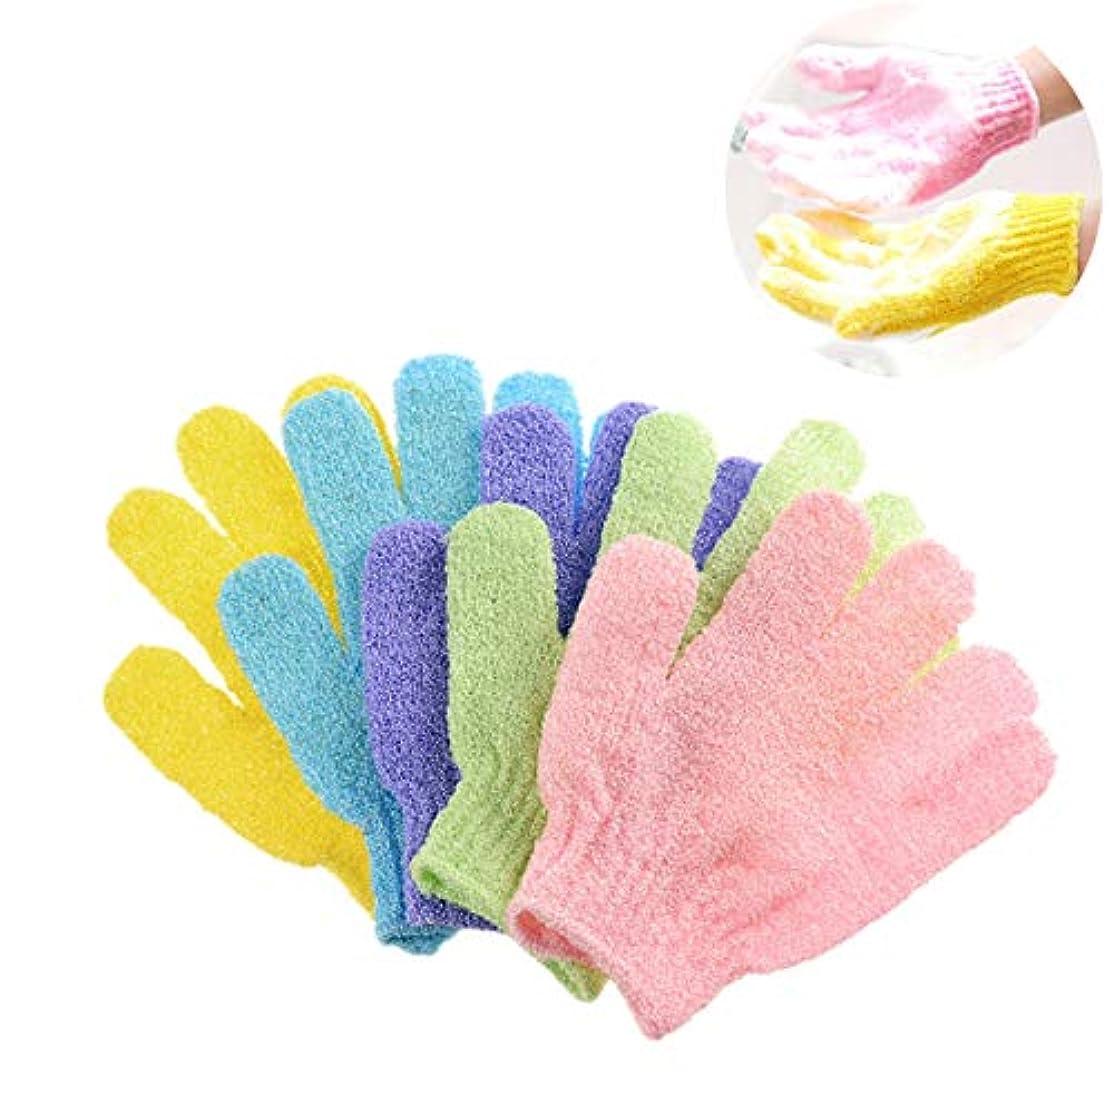 ぶどう船酔い平衡Kingsie 浴用手袋 10枚セット(5ペア) ボディウォッシュ手袋 お風呂手袋 角質除去 角質取り 泡立ち 垢すり グローブ